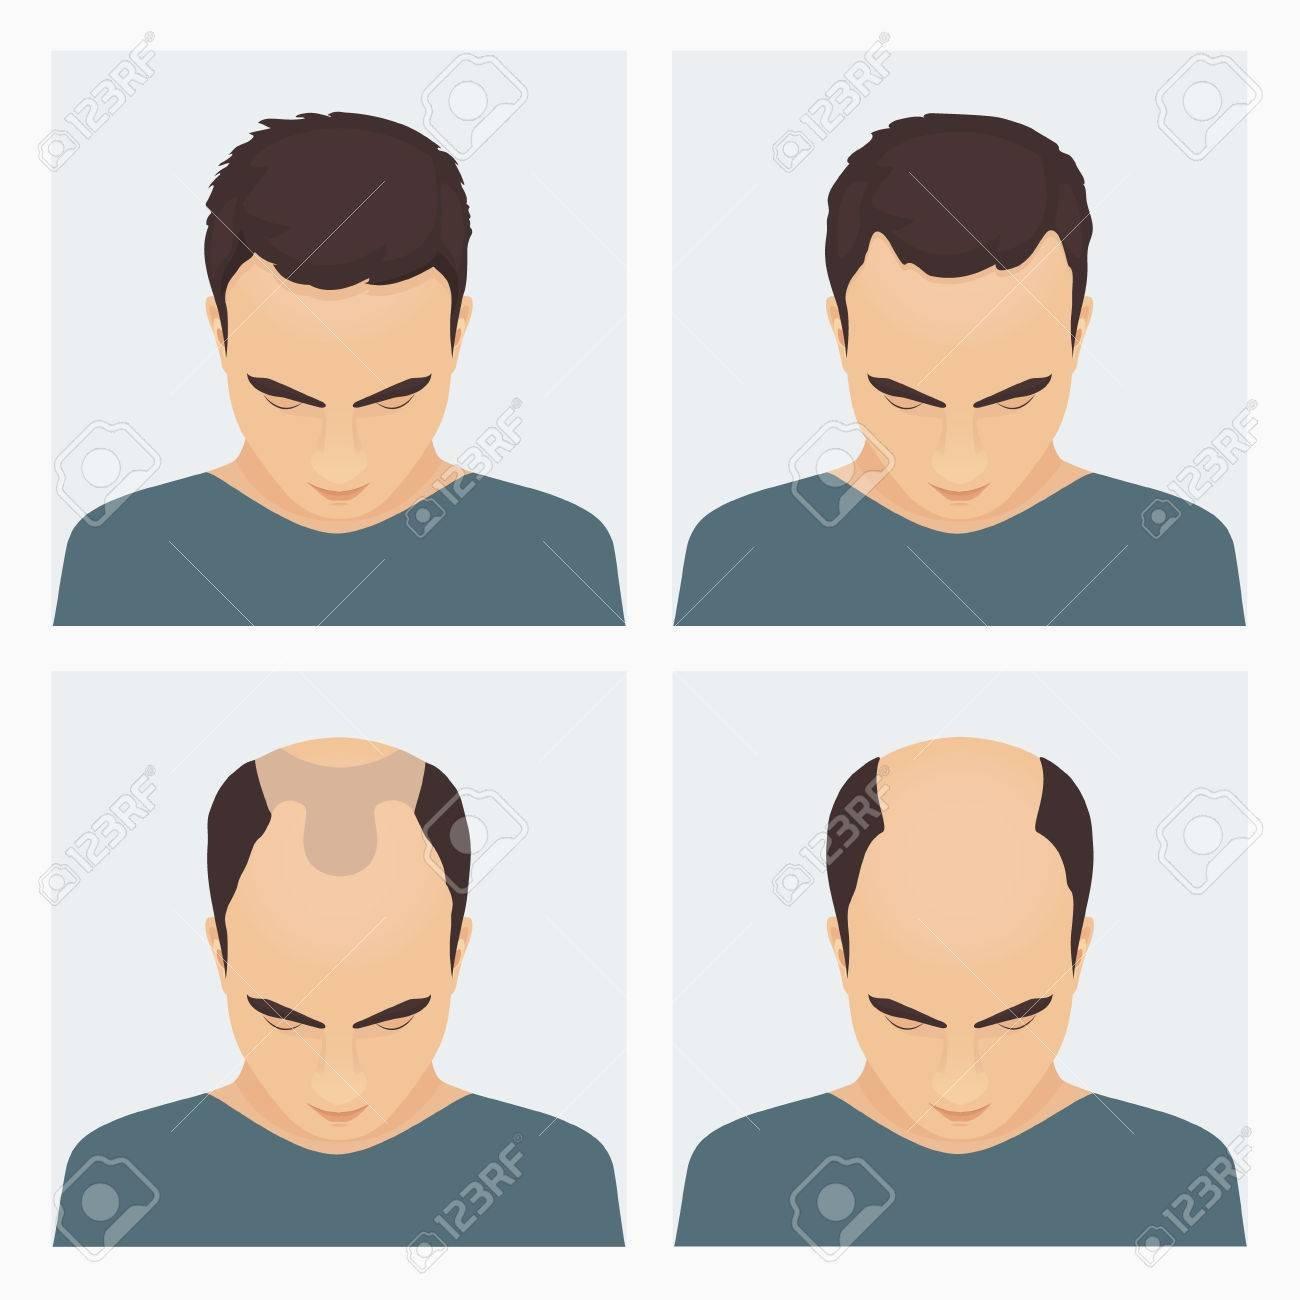 Afbeeldingsresultaat voor Hairloss pattern man